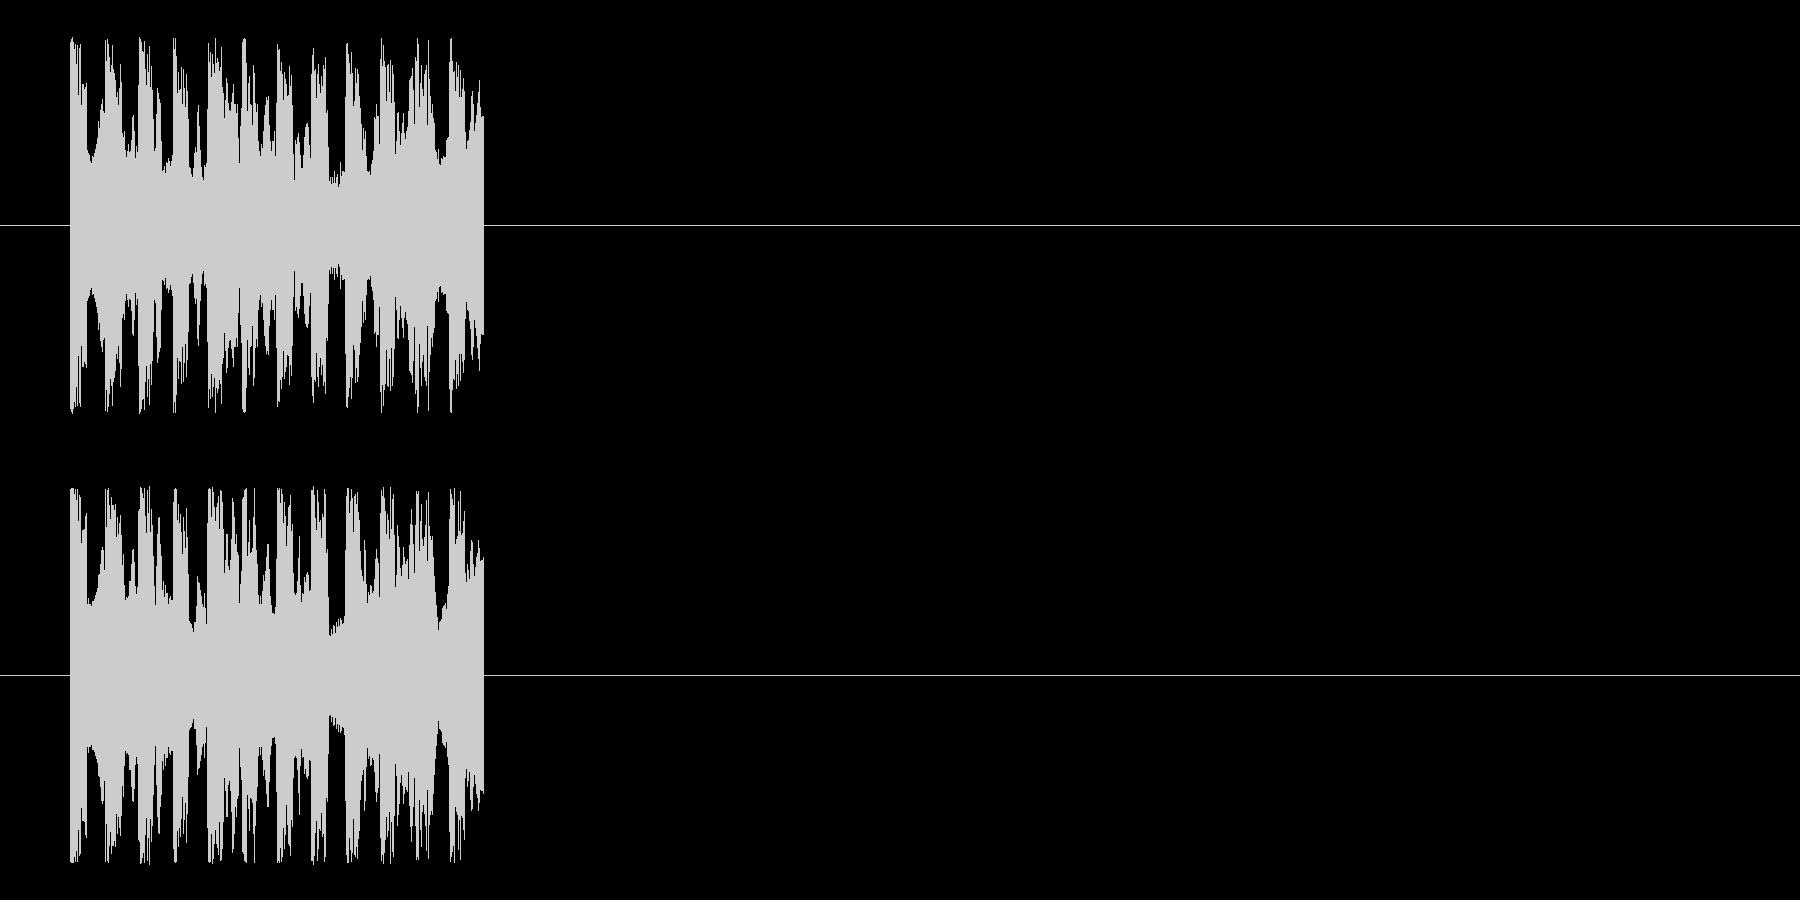 ピピピというインパクトのある不思議なロゴの未再生の波形